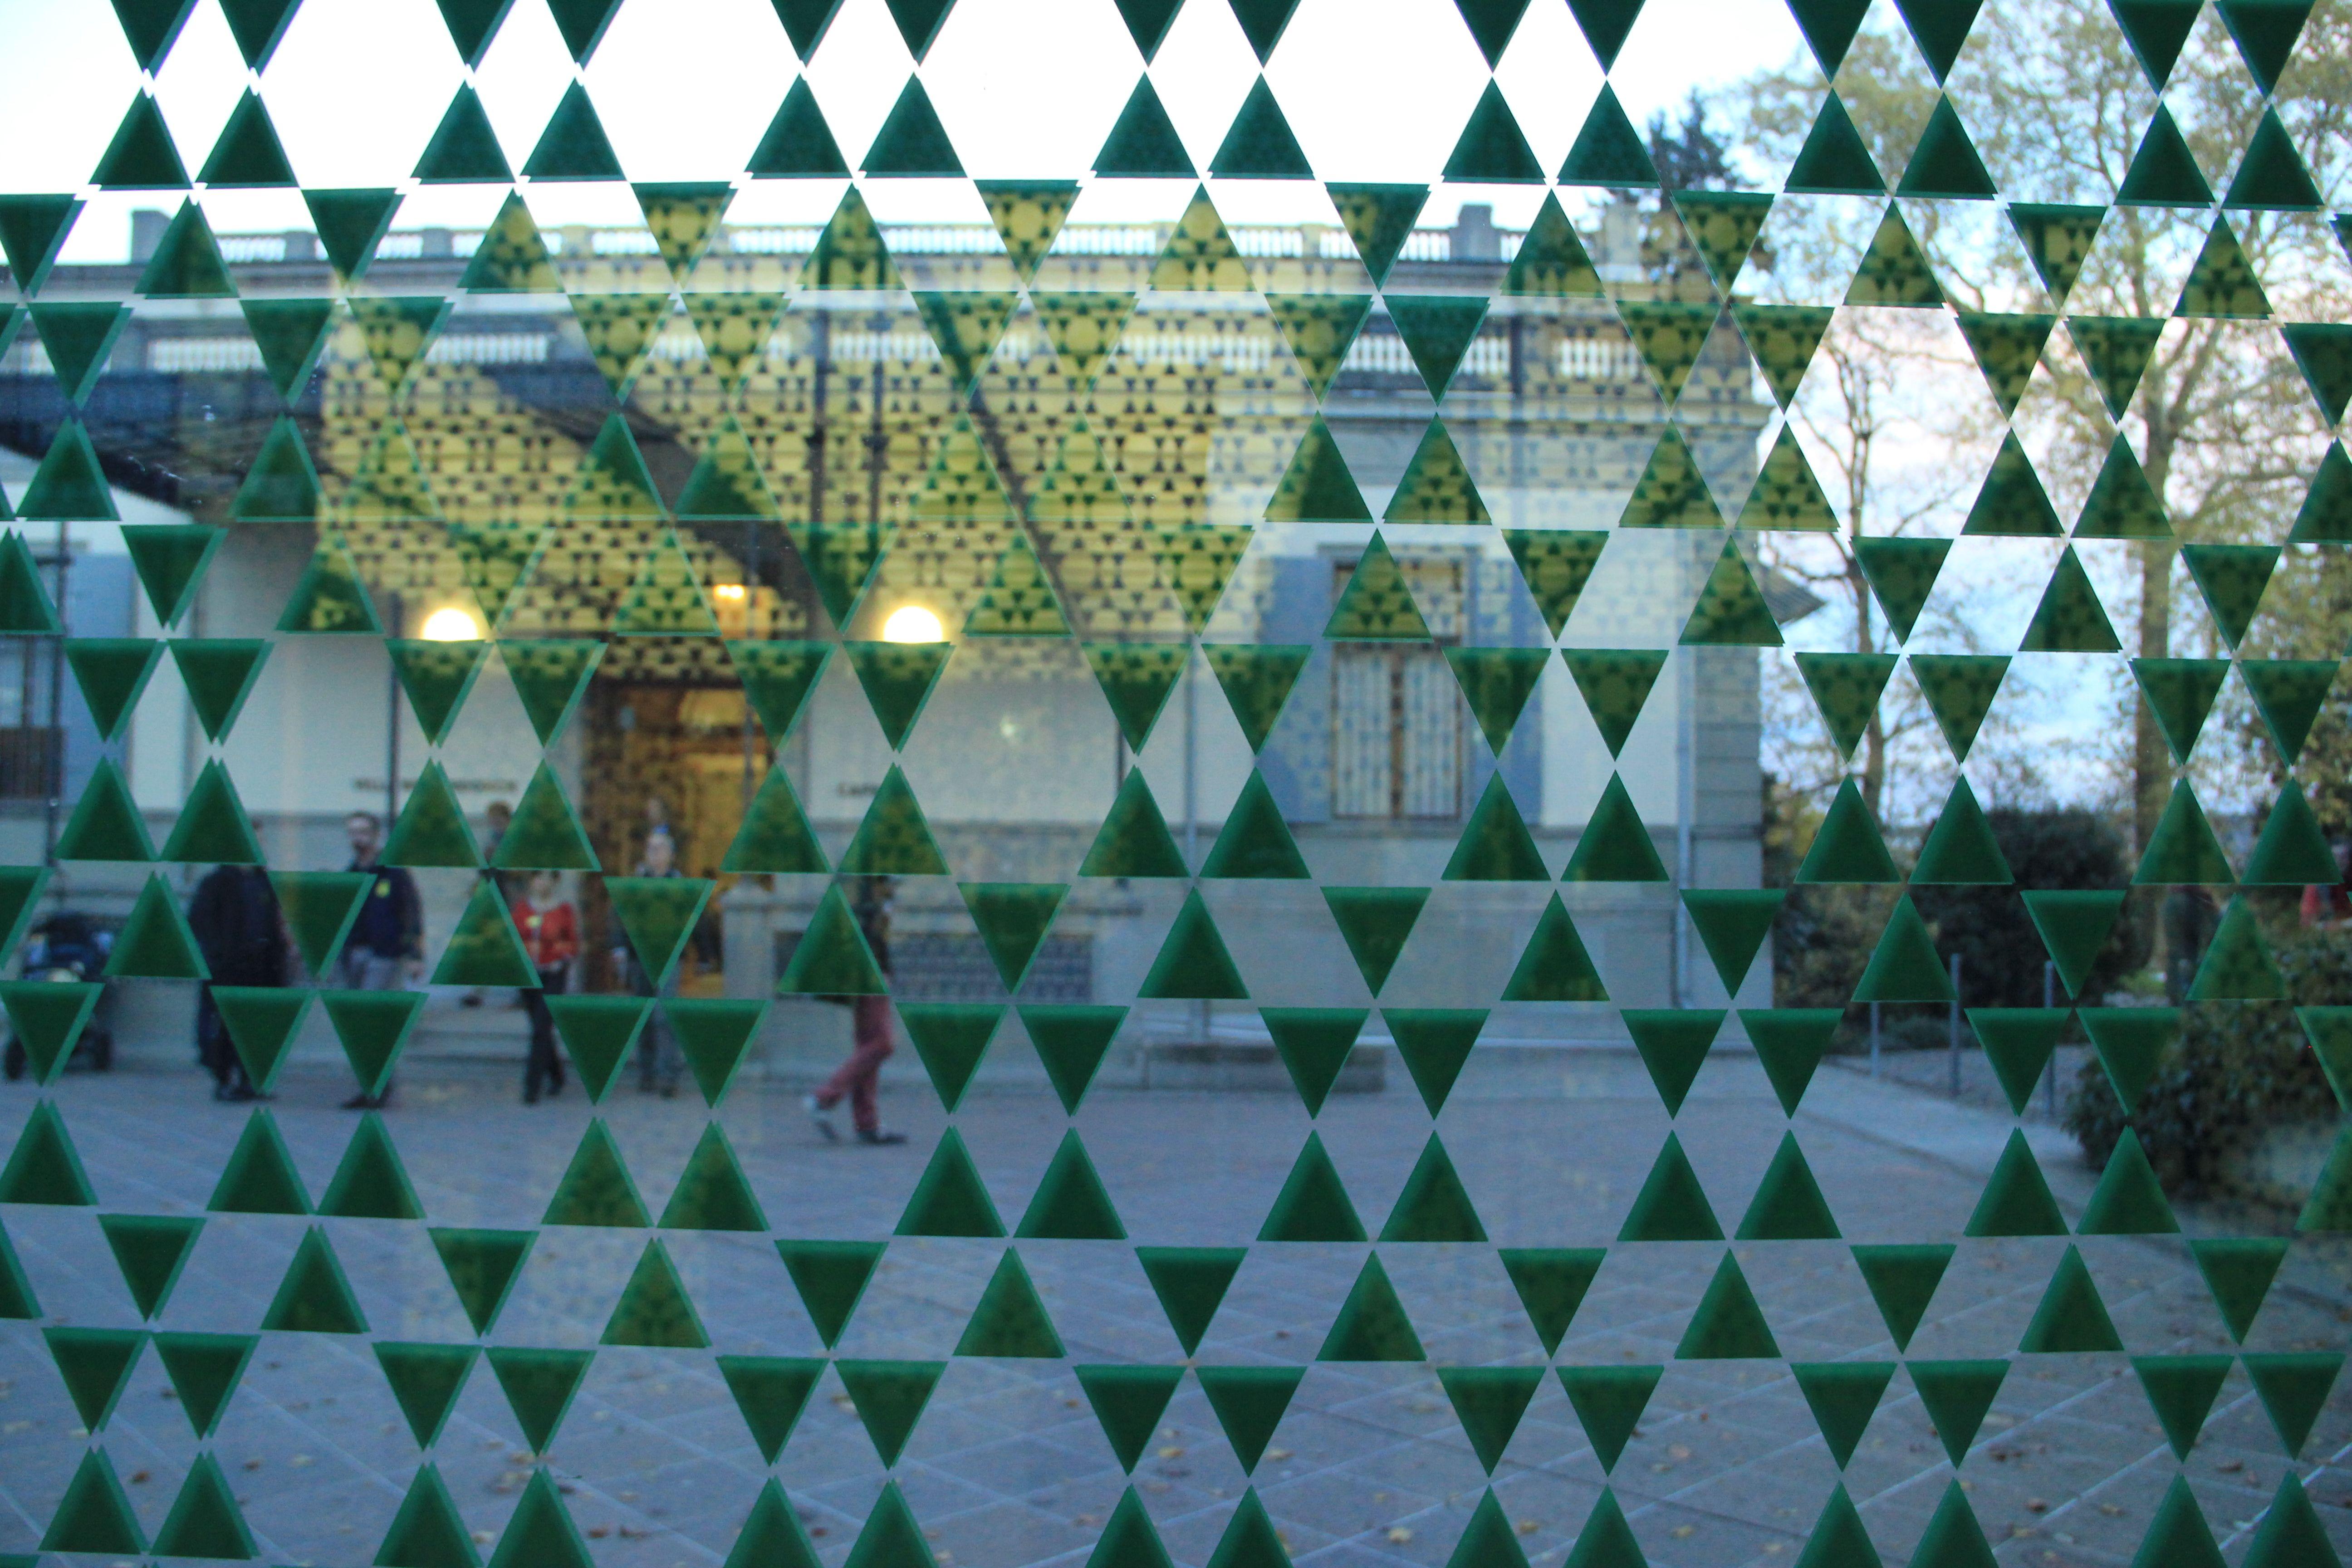 Fenster Rietberg fenster beklebt mit grünem sternförmigen muster erweiterung museum